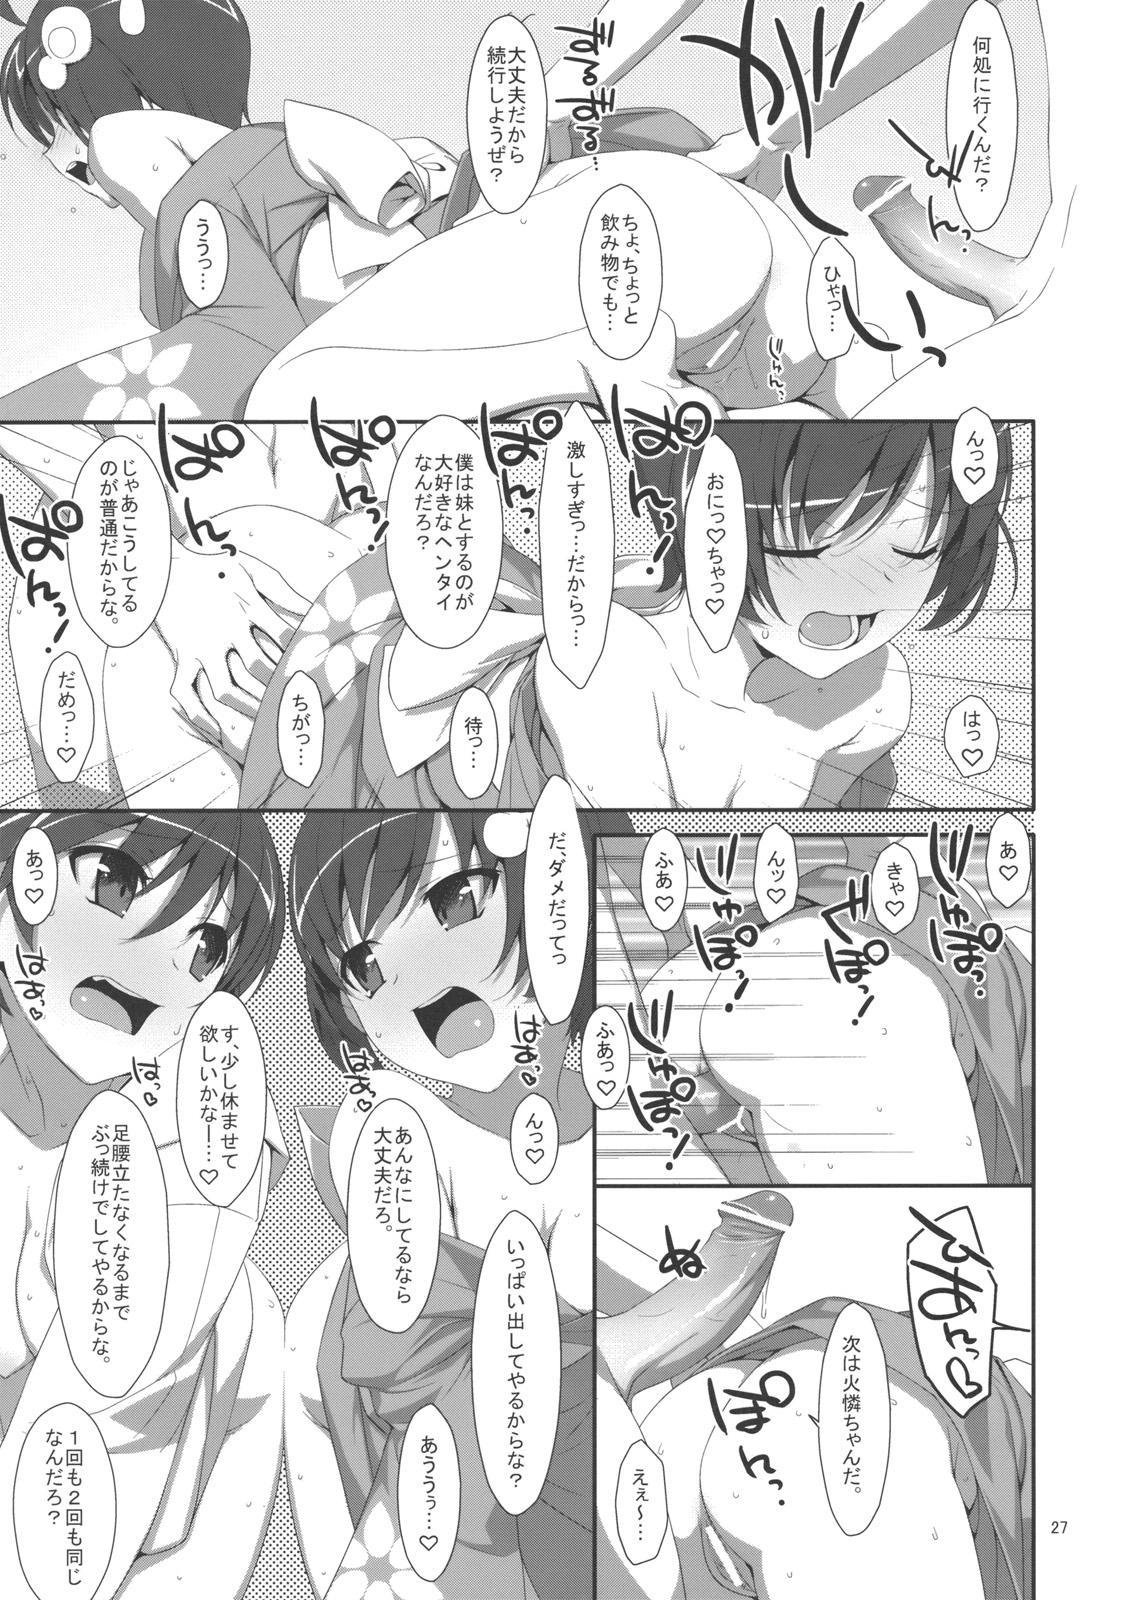 Oniichan wa Imouto ni Yokujou Shitari Shinaiyone? 25